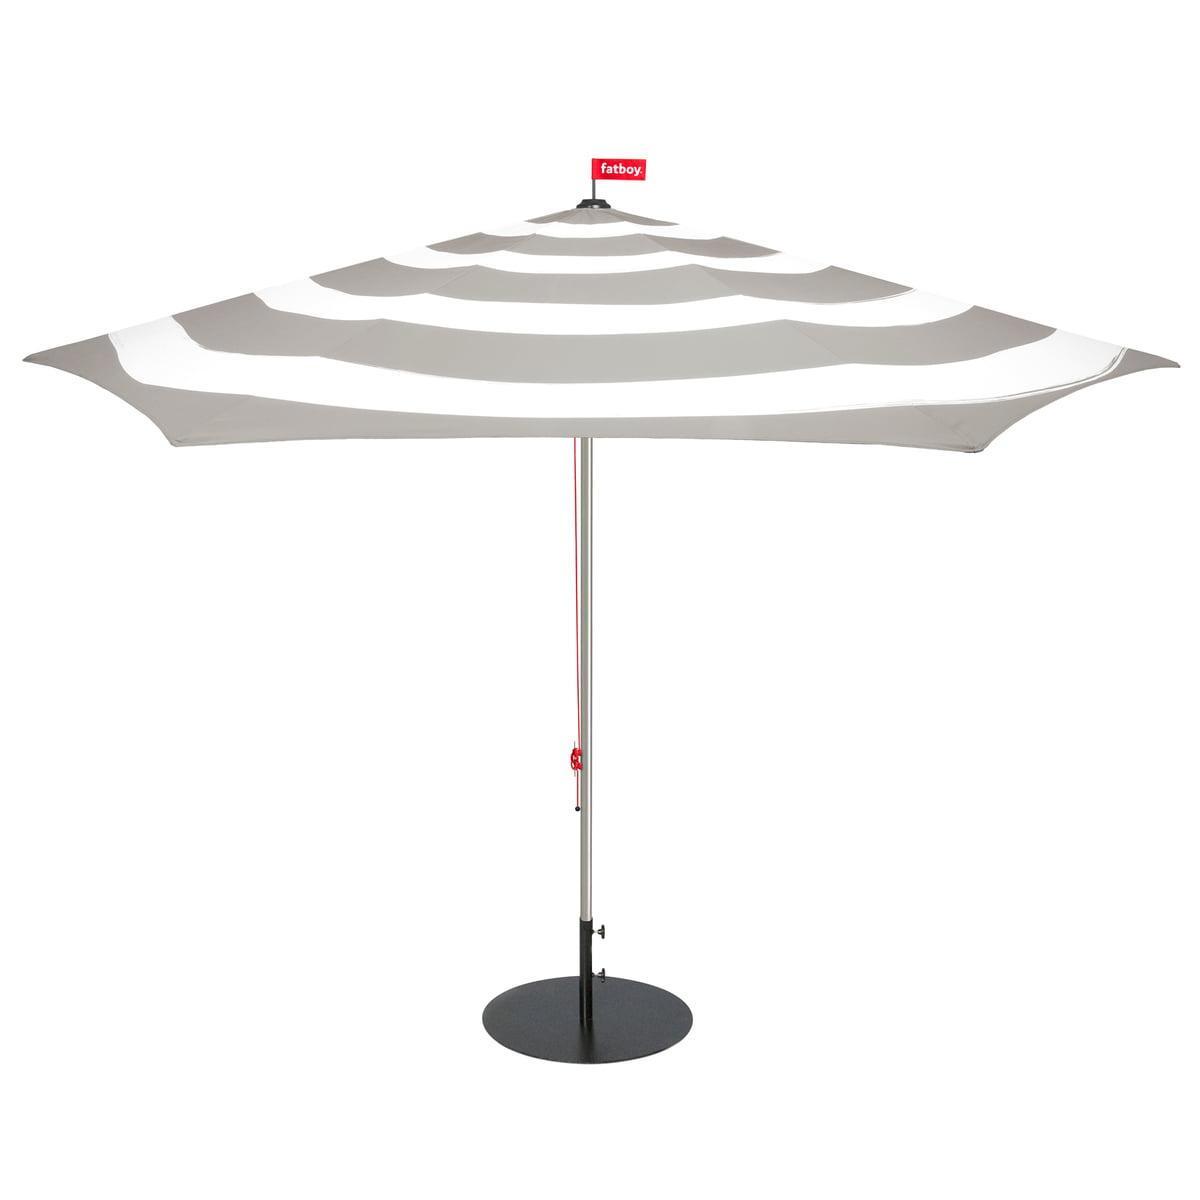 stripesol sonnenschirm von fatboy im shop. Black Bedroom Furniture Sets. Home Design Ideas